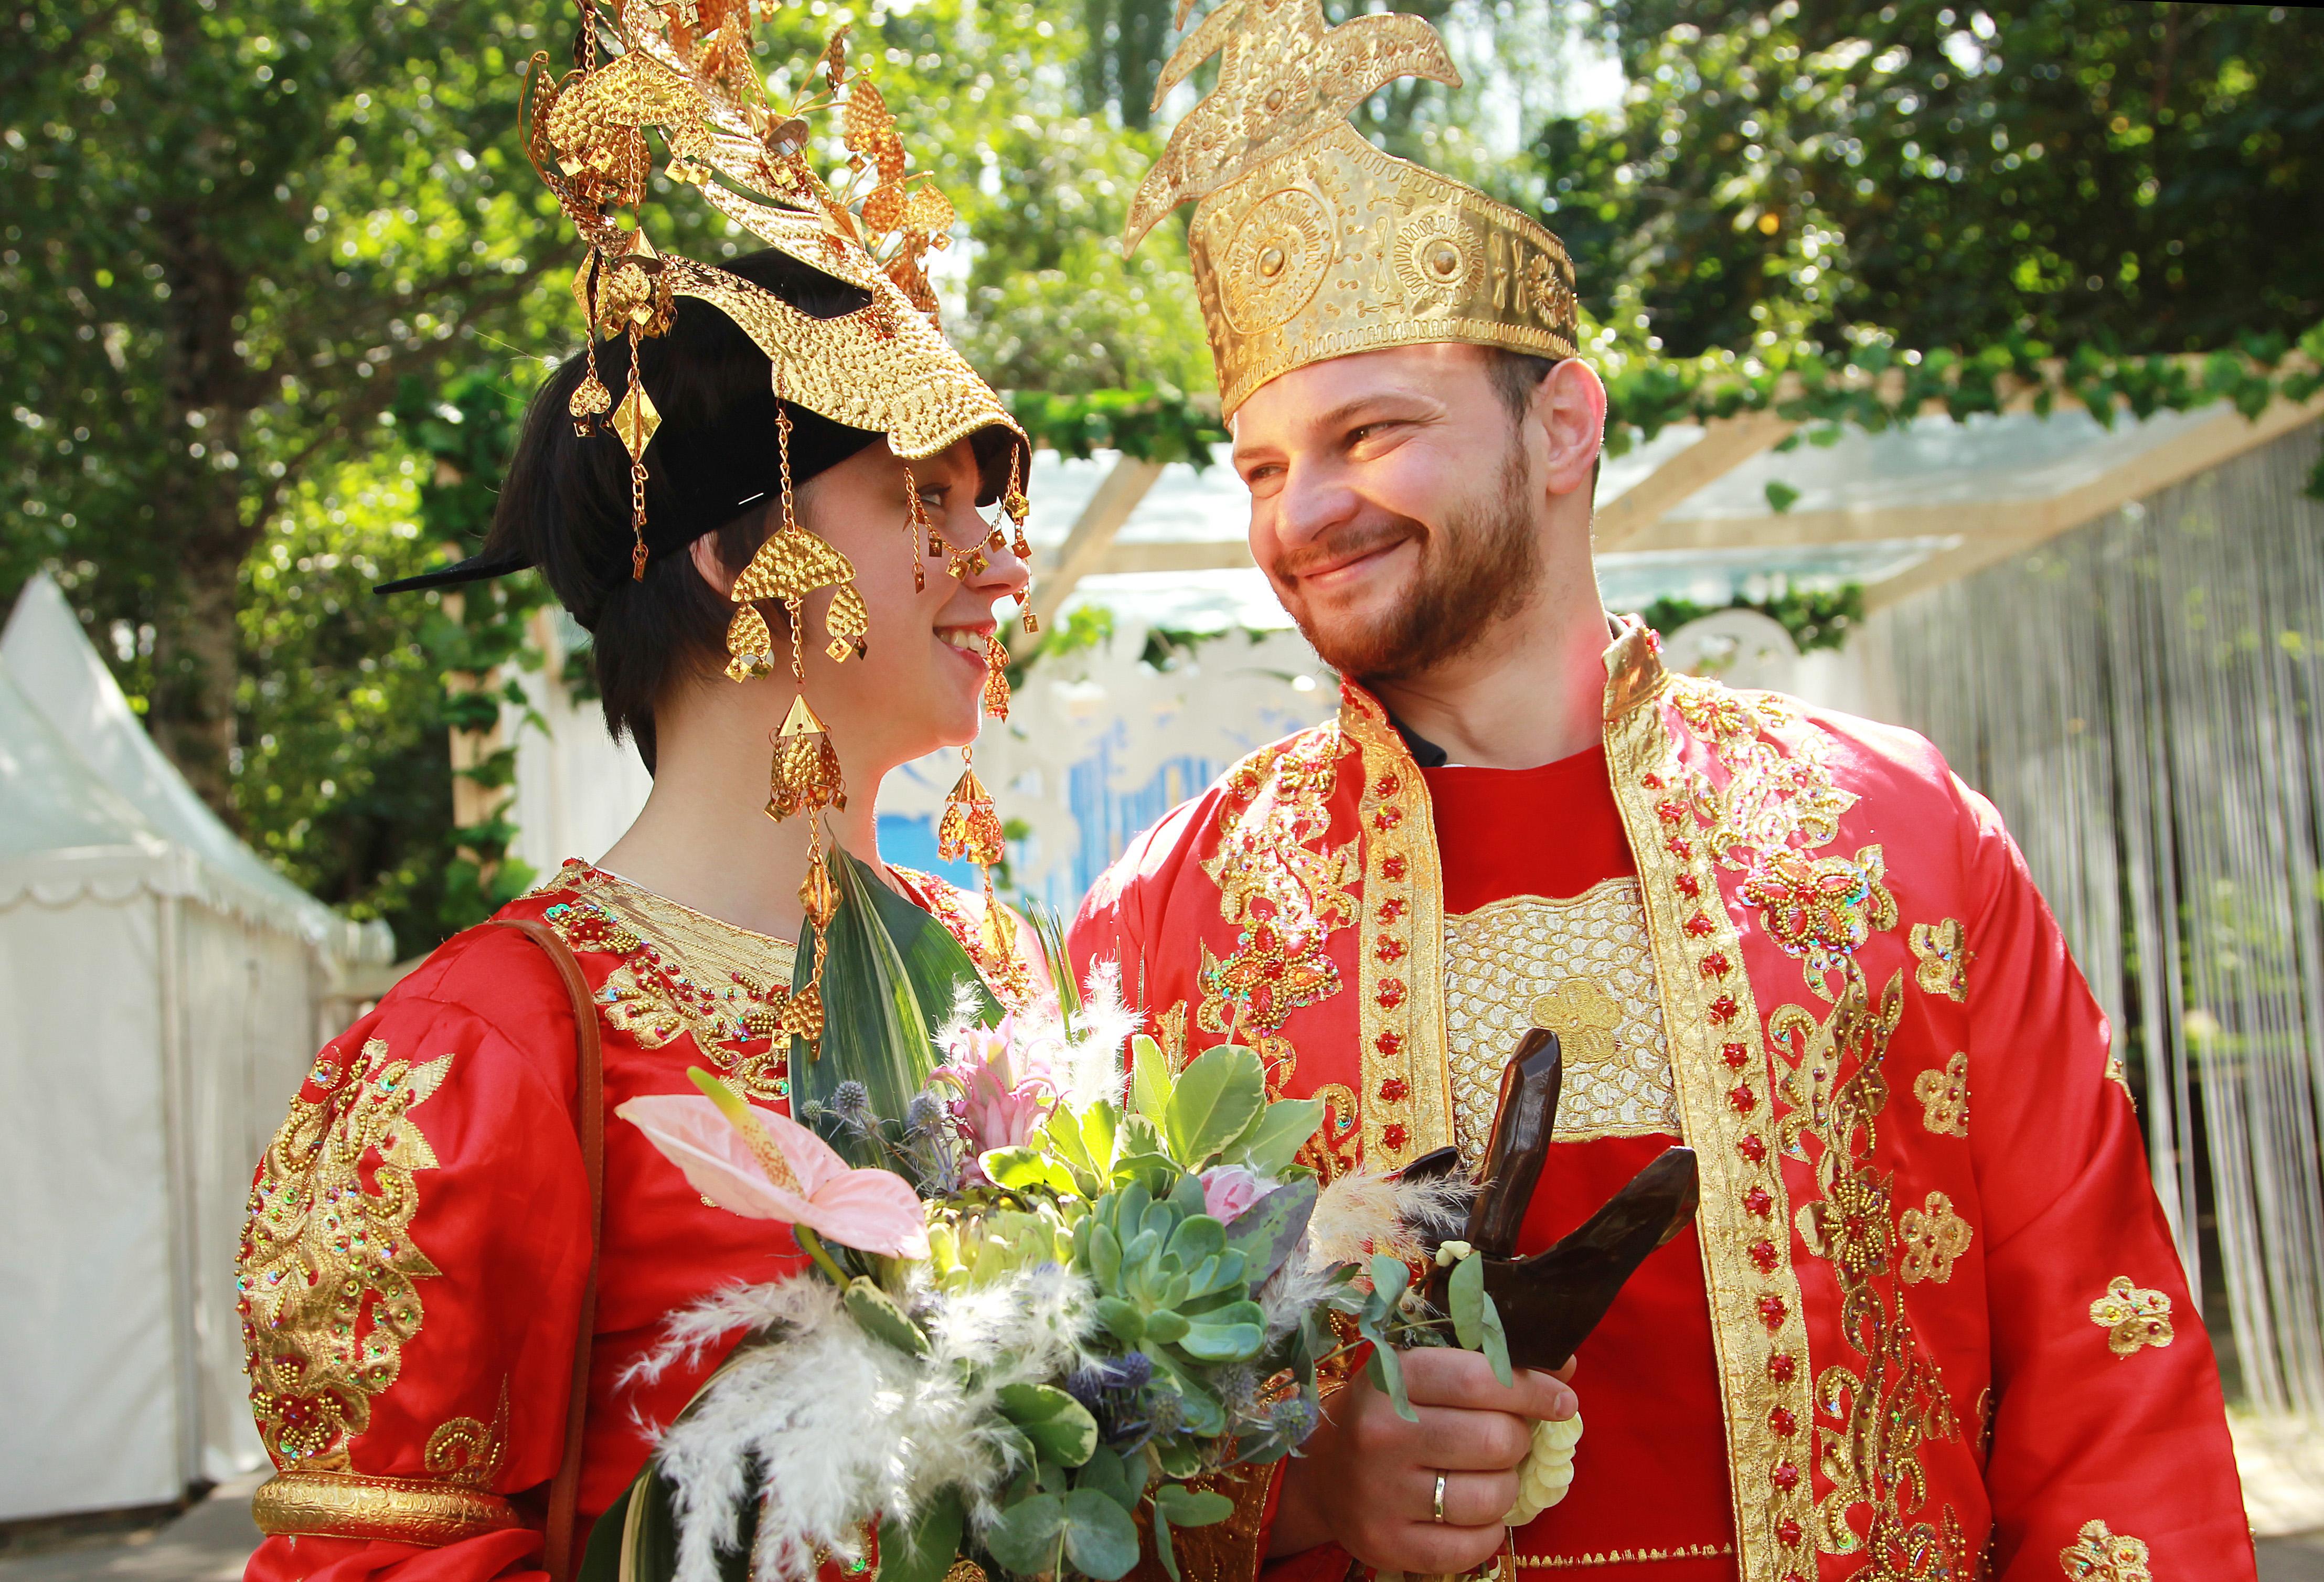 Праздничные мероприятия организовали ко Дню семьи, любви и верности в Москве